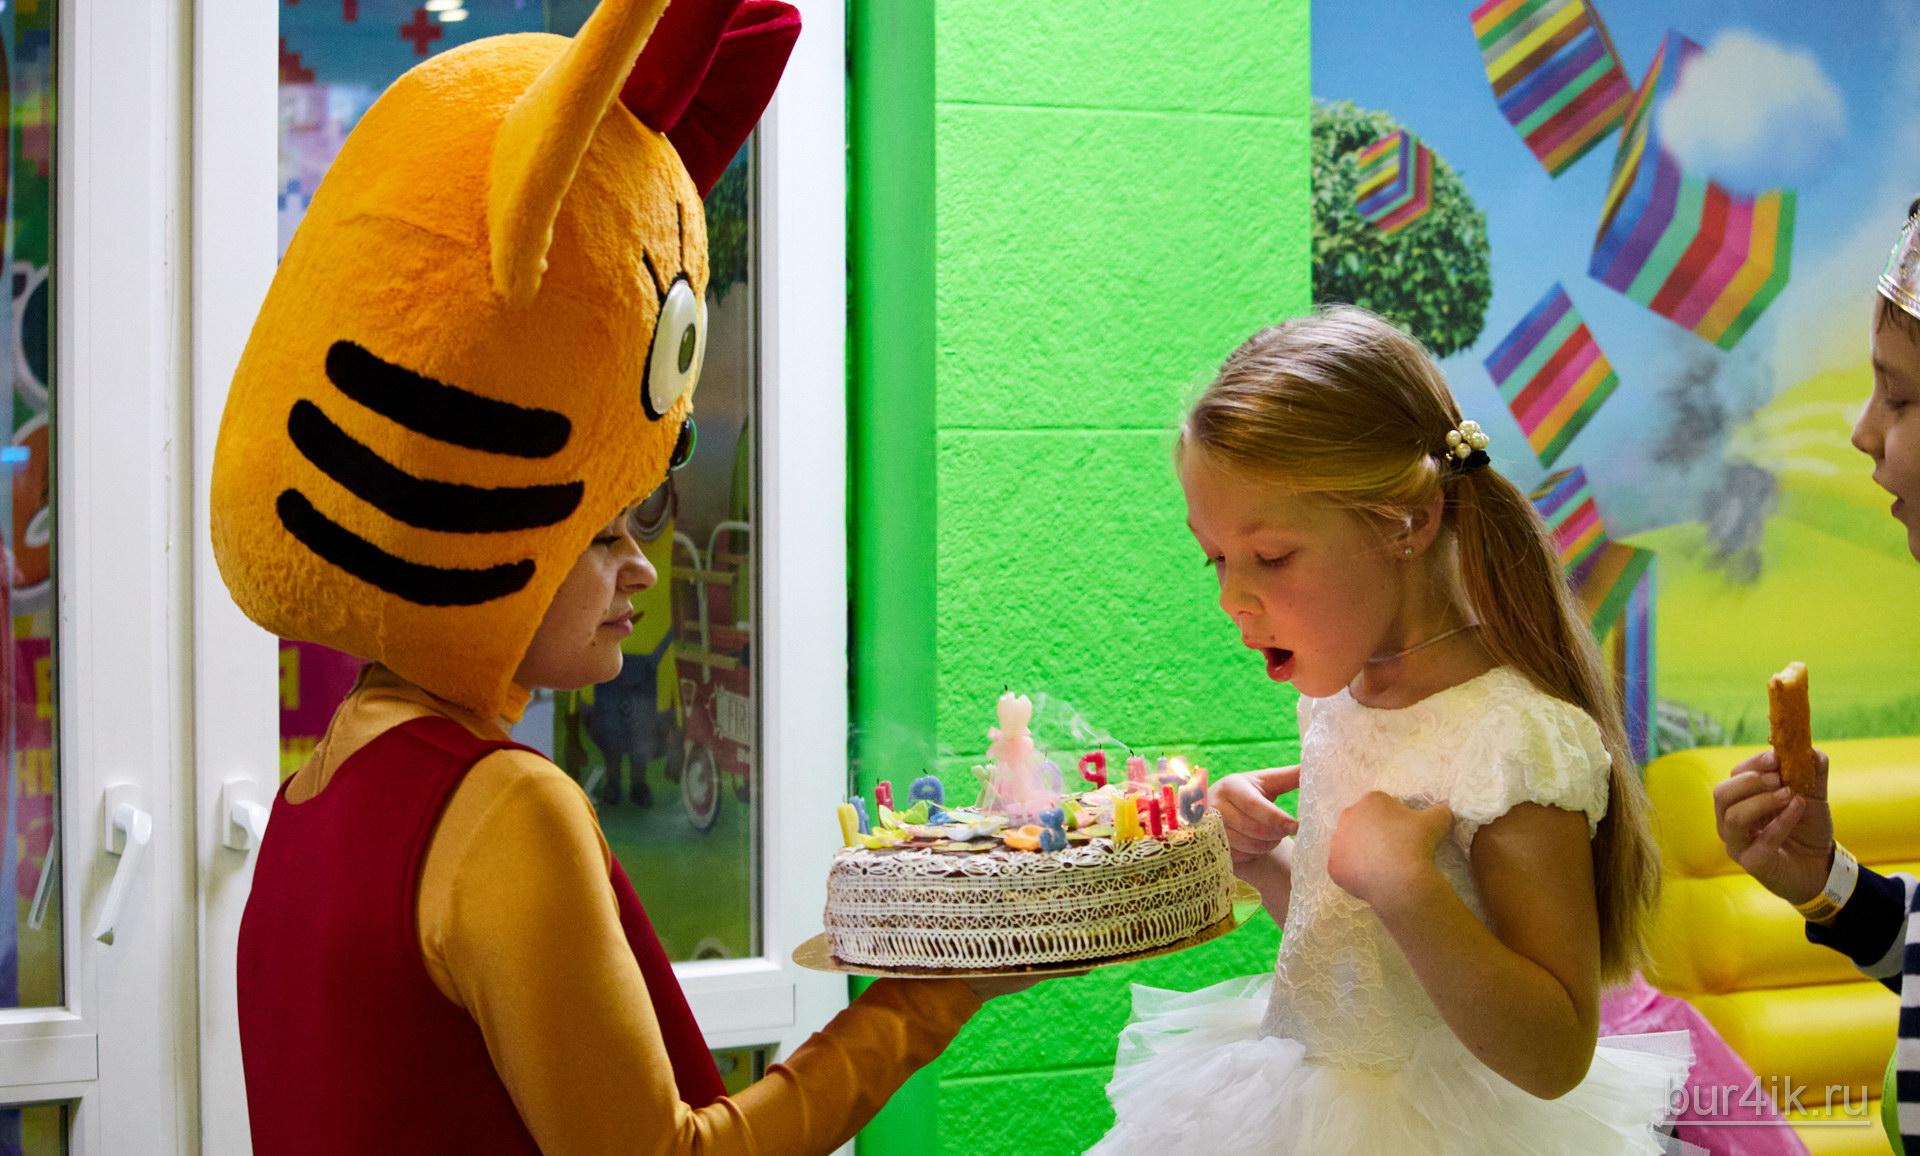 Фото Детское День Рождения в Детский Дворик 15.01.2020 №240 -photo- bur4ik.ru